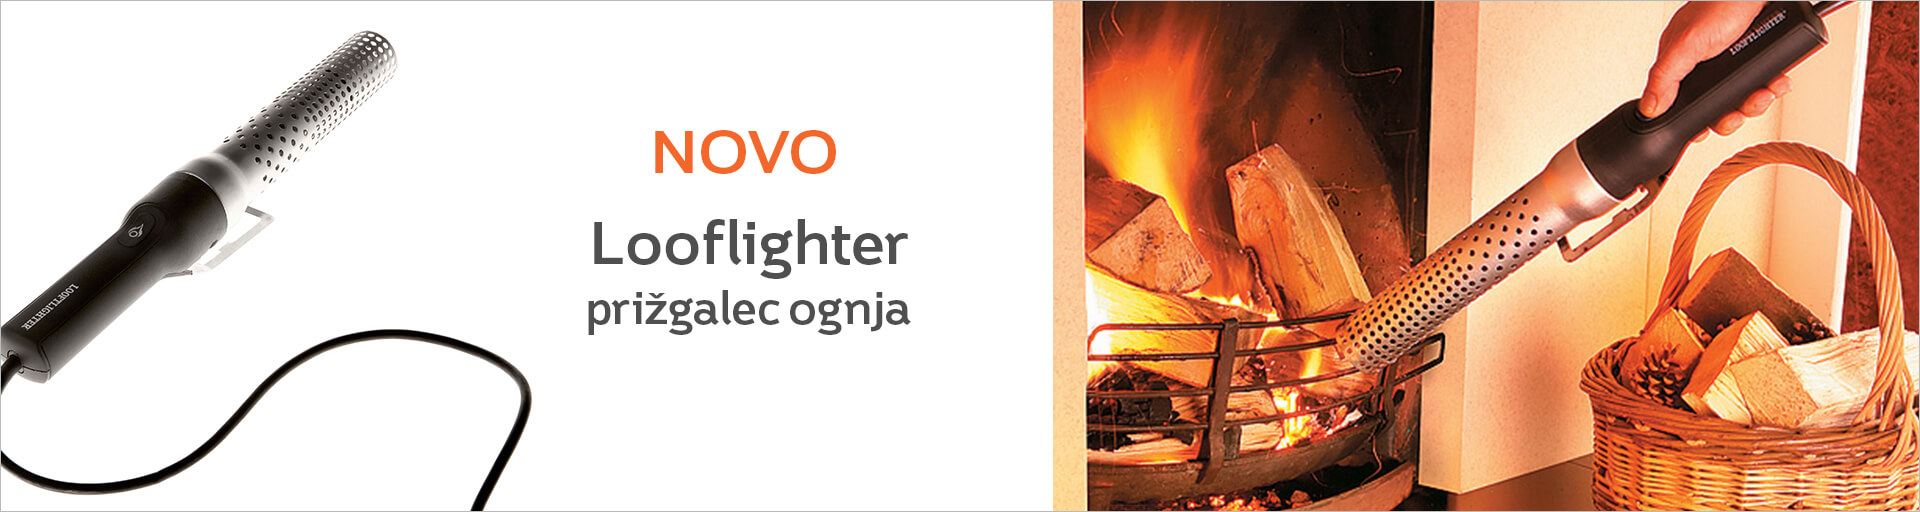 Banner_ogenj